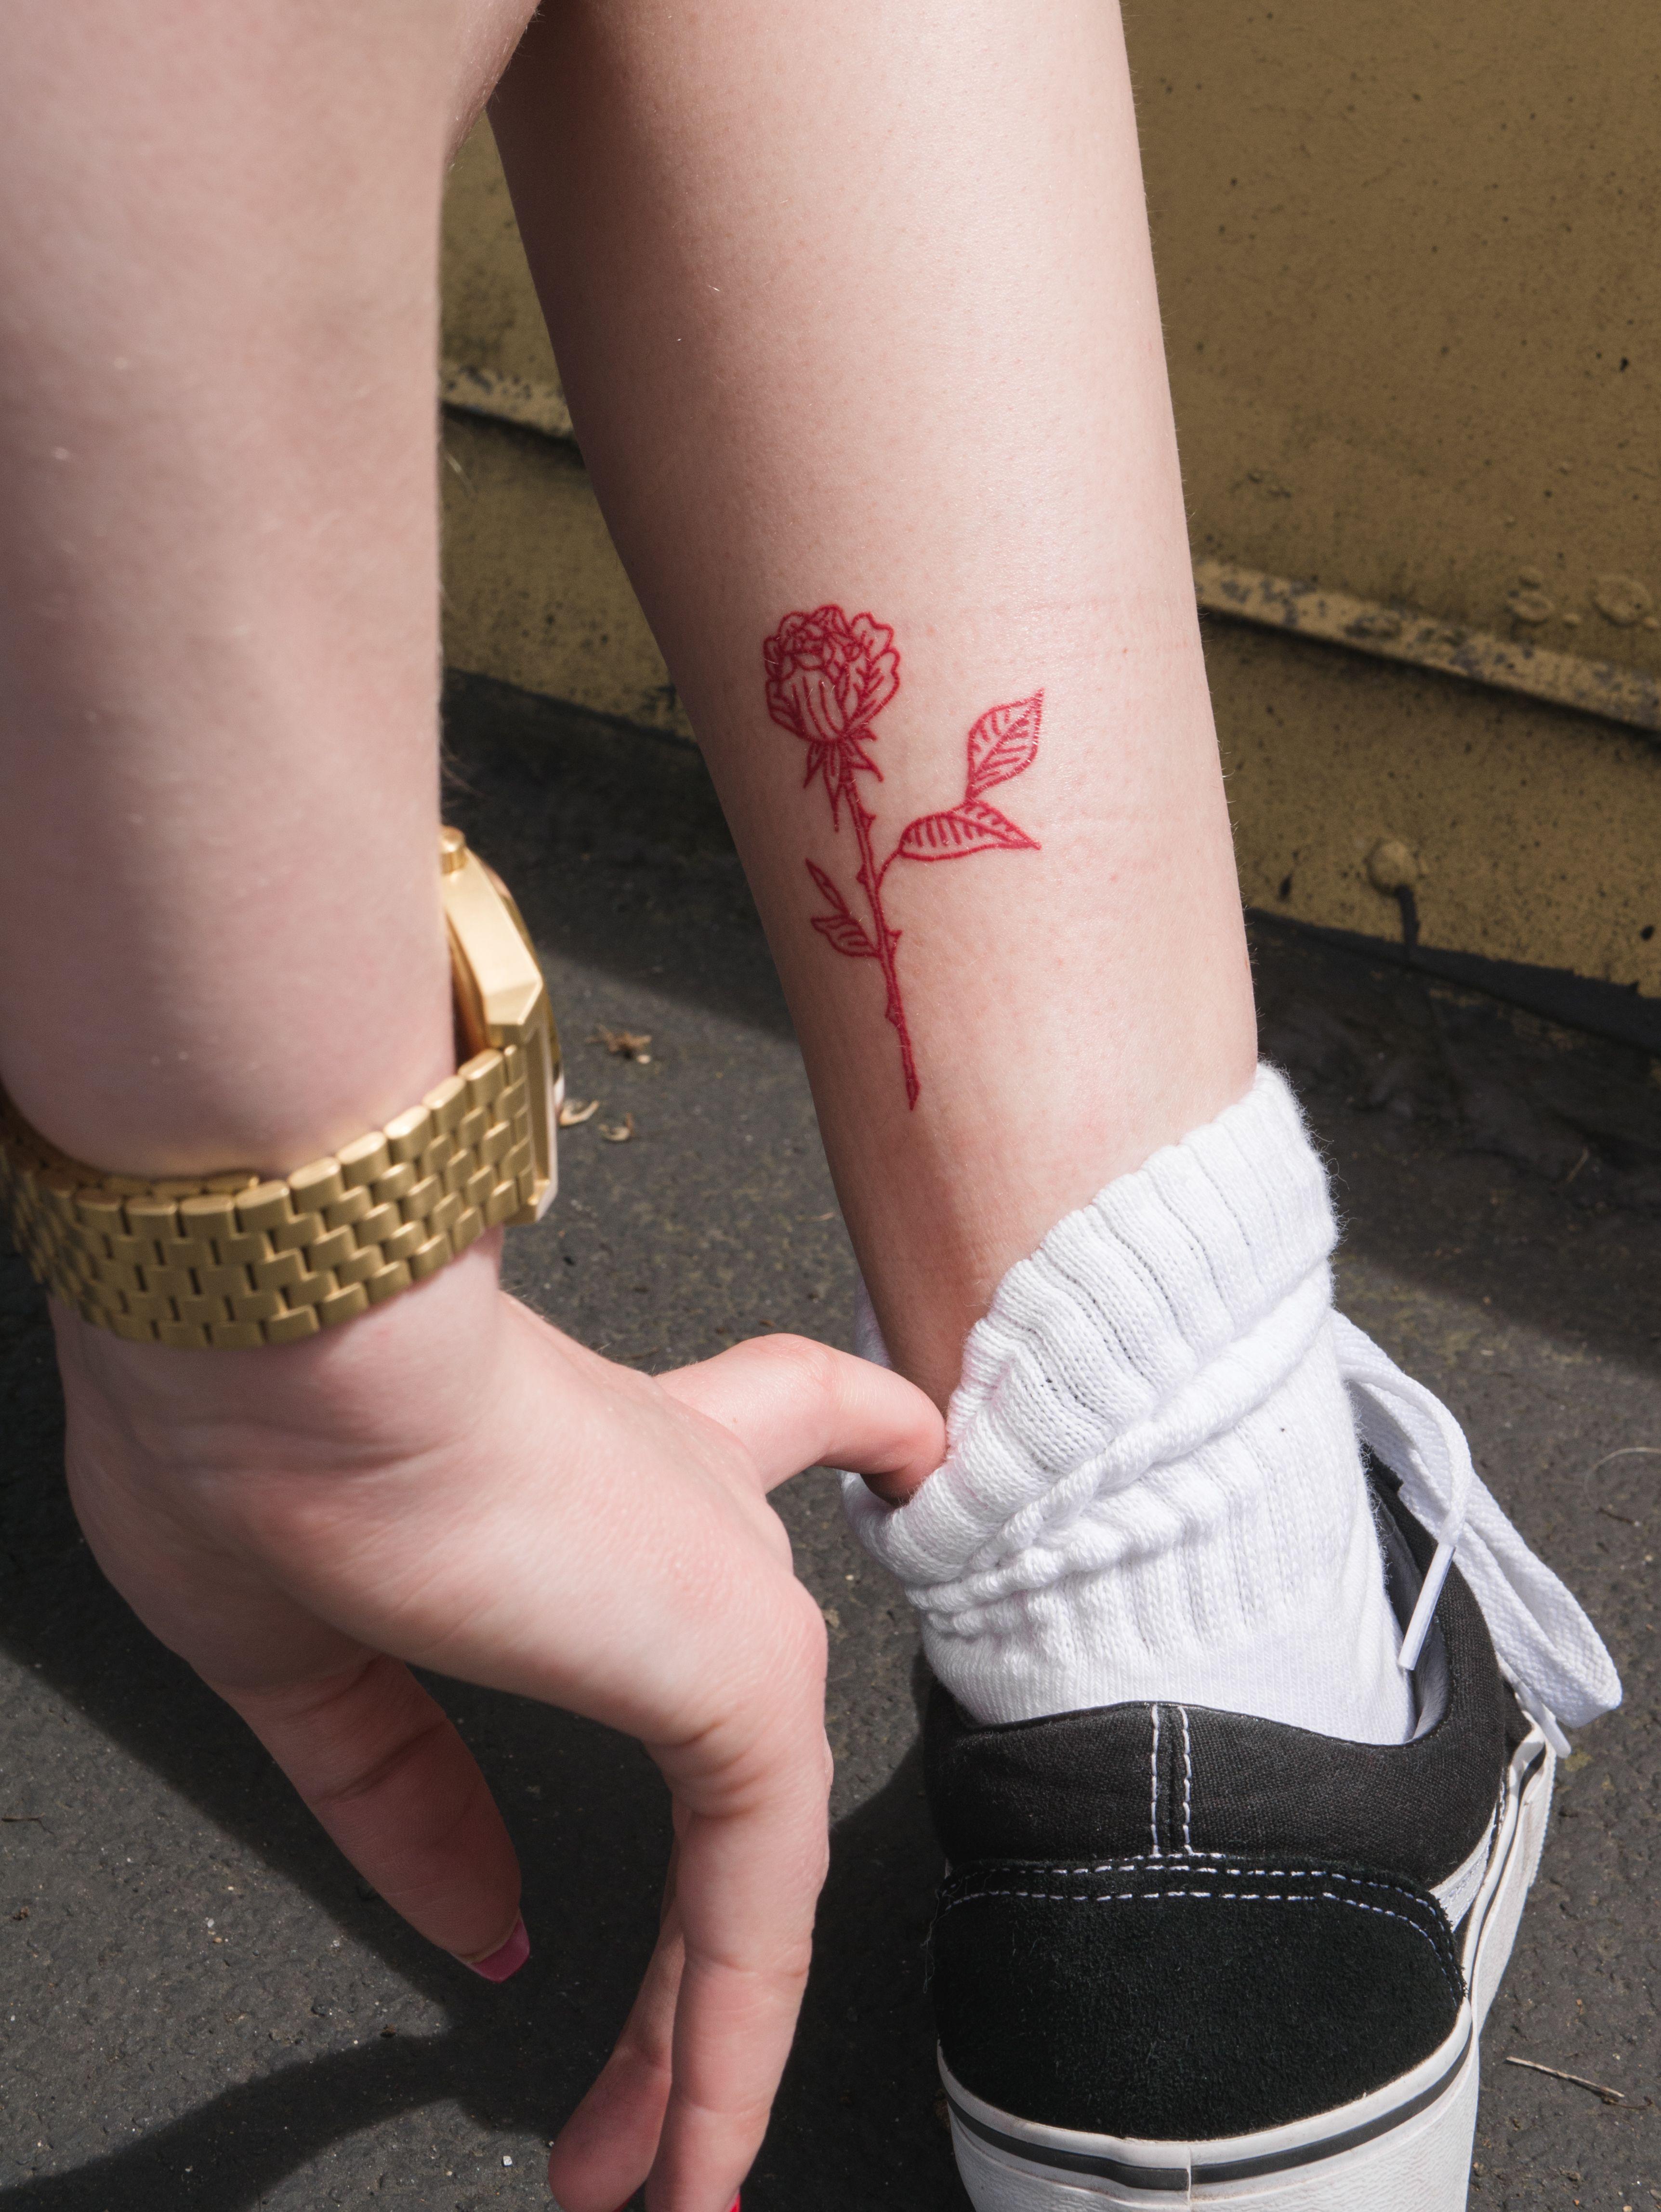 My New Tattoo Insta Fr Ickk Red Ink Tattoos Red Tattoos